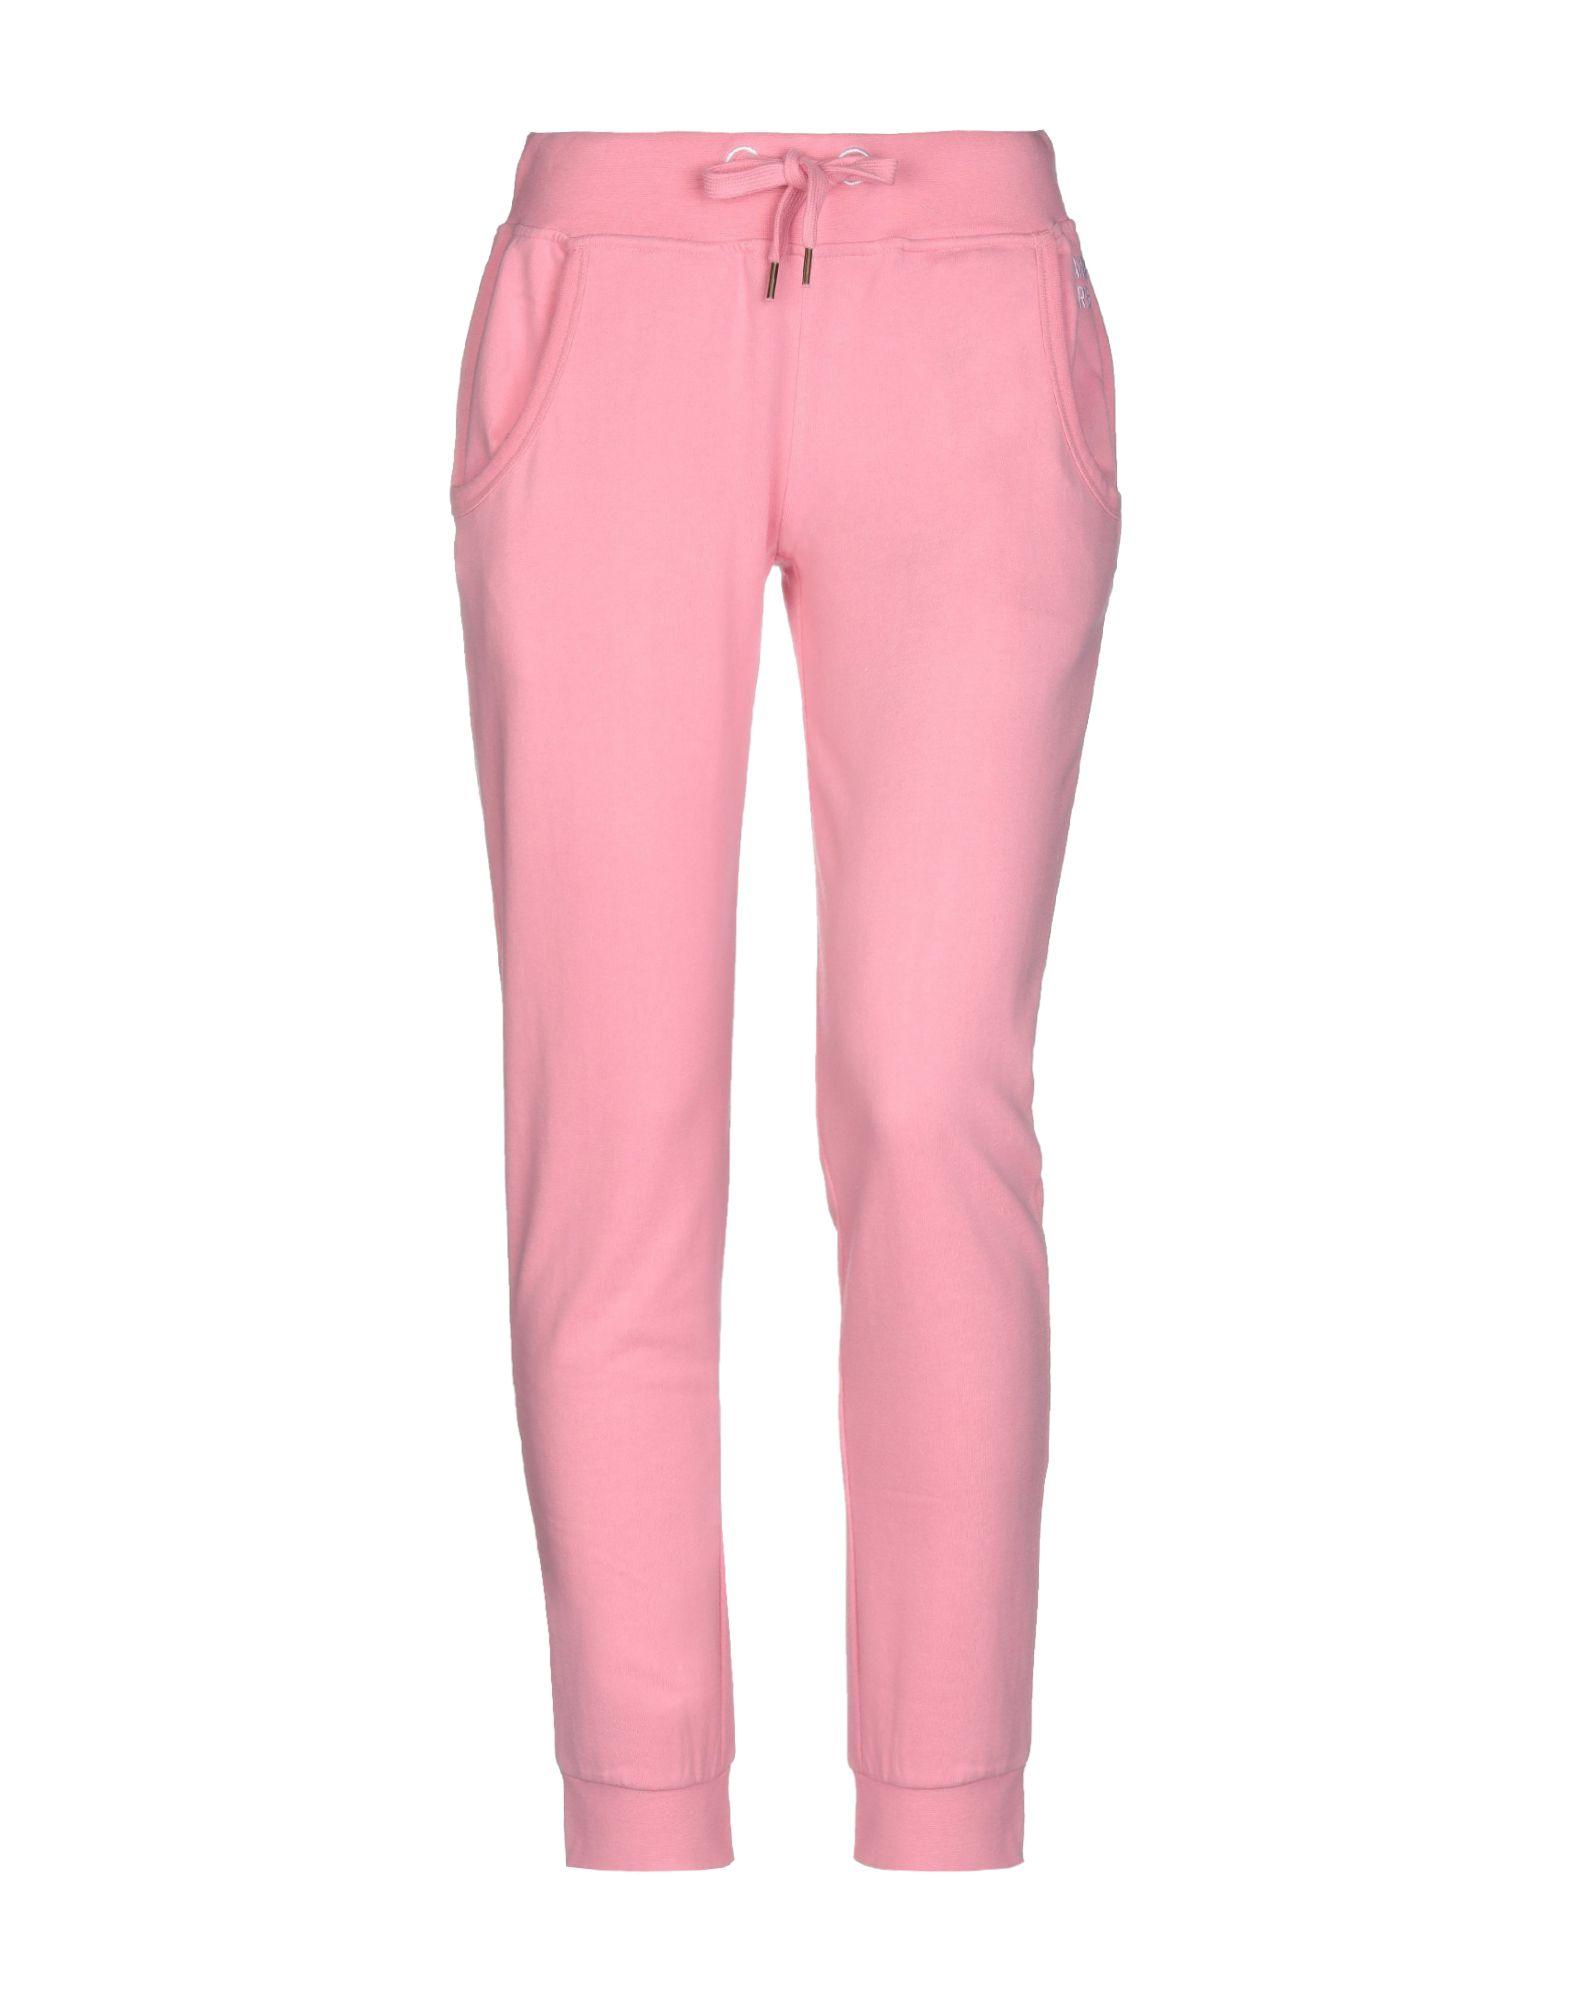 《セール開催中》FRANKIE GARAGE レディース パンツ ピンク XL コットン 60% / ポリエステル 40%